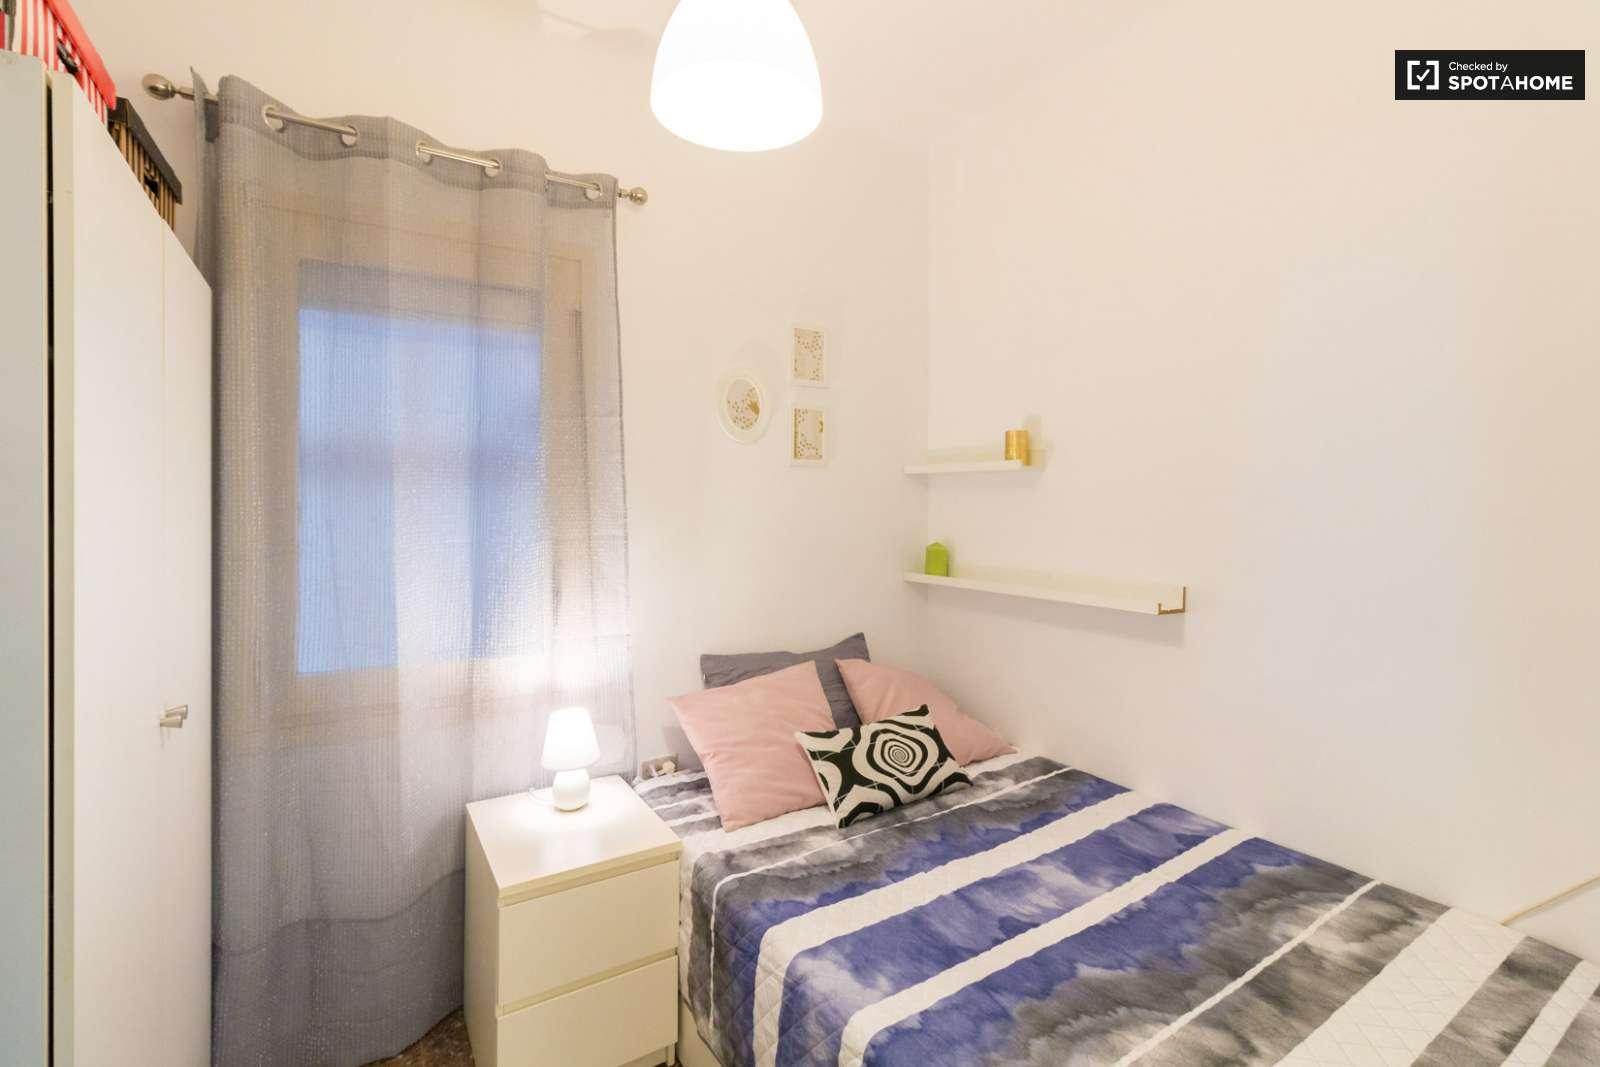 Stanza In Affitto In Appartamento Con 4 Camere Da Letto A Sarria Sant Gervasi Ref 387634 Spotahome